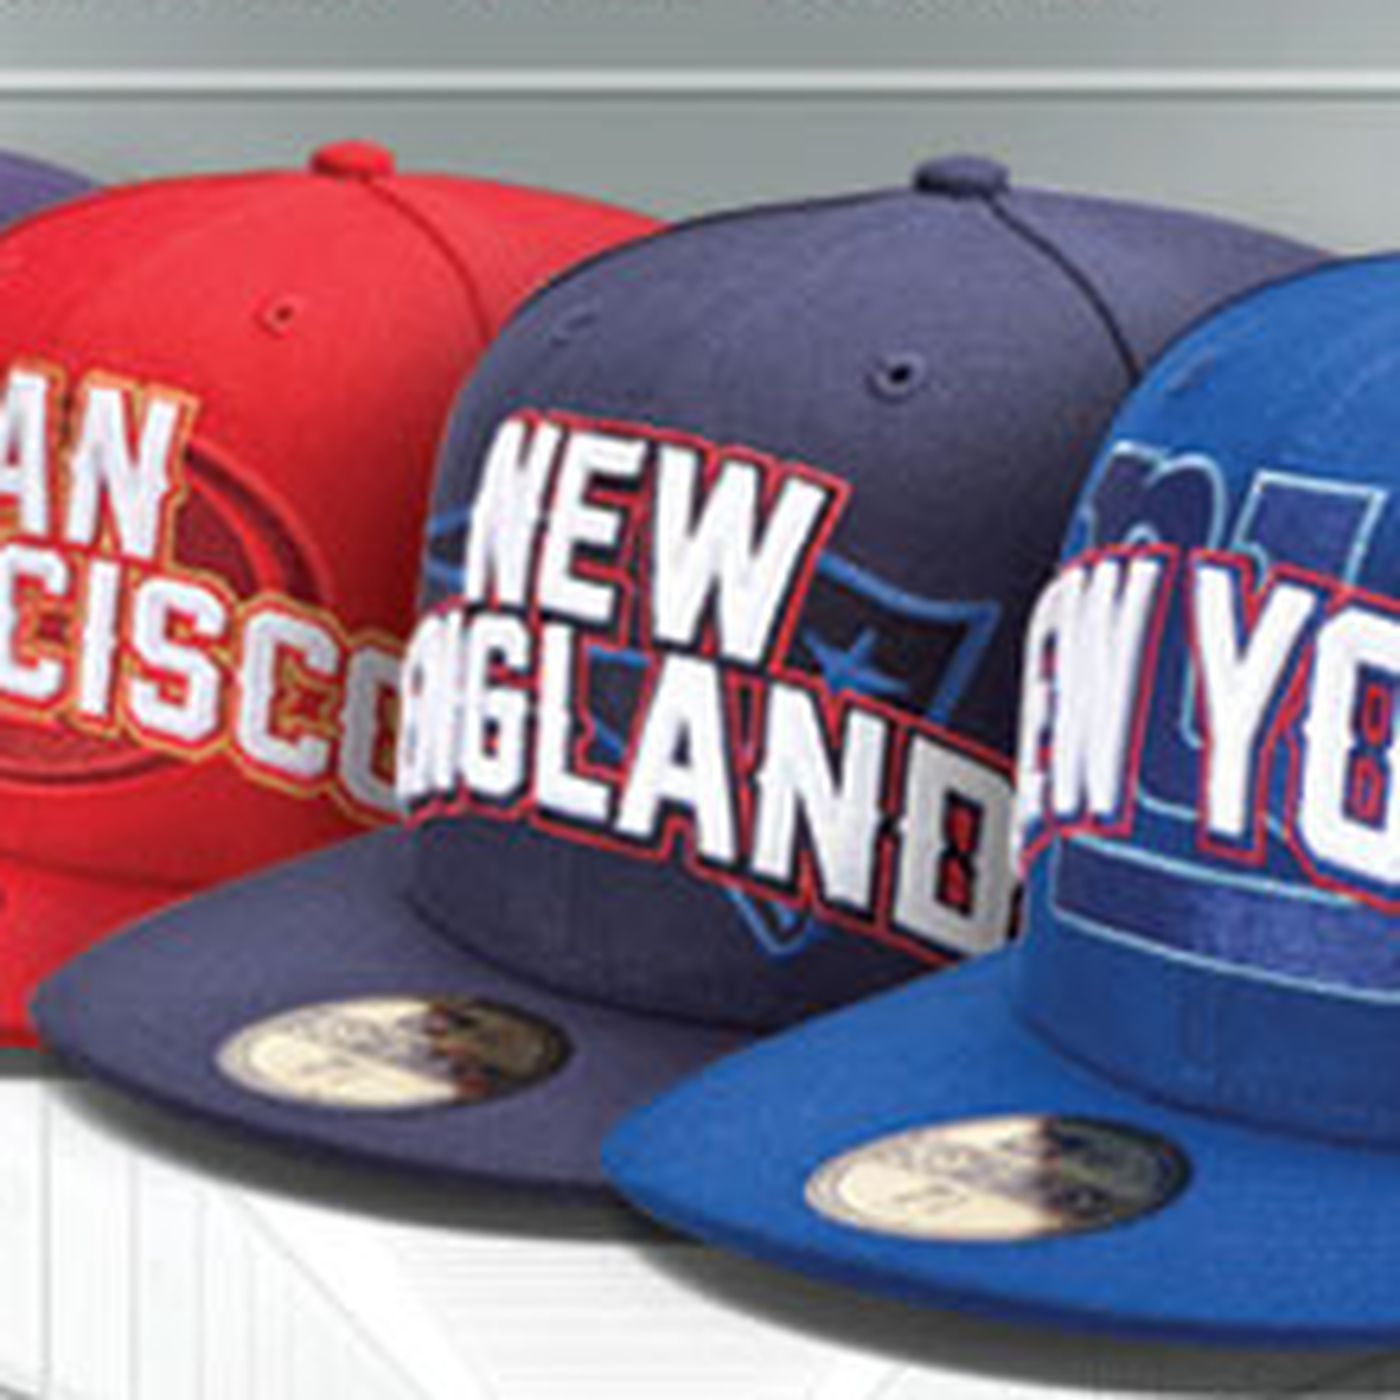 New Era Unveils 2012 NFL Draft Hats - SBNation.com 45e85ddec